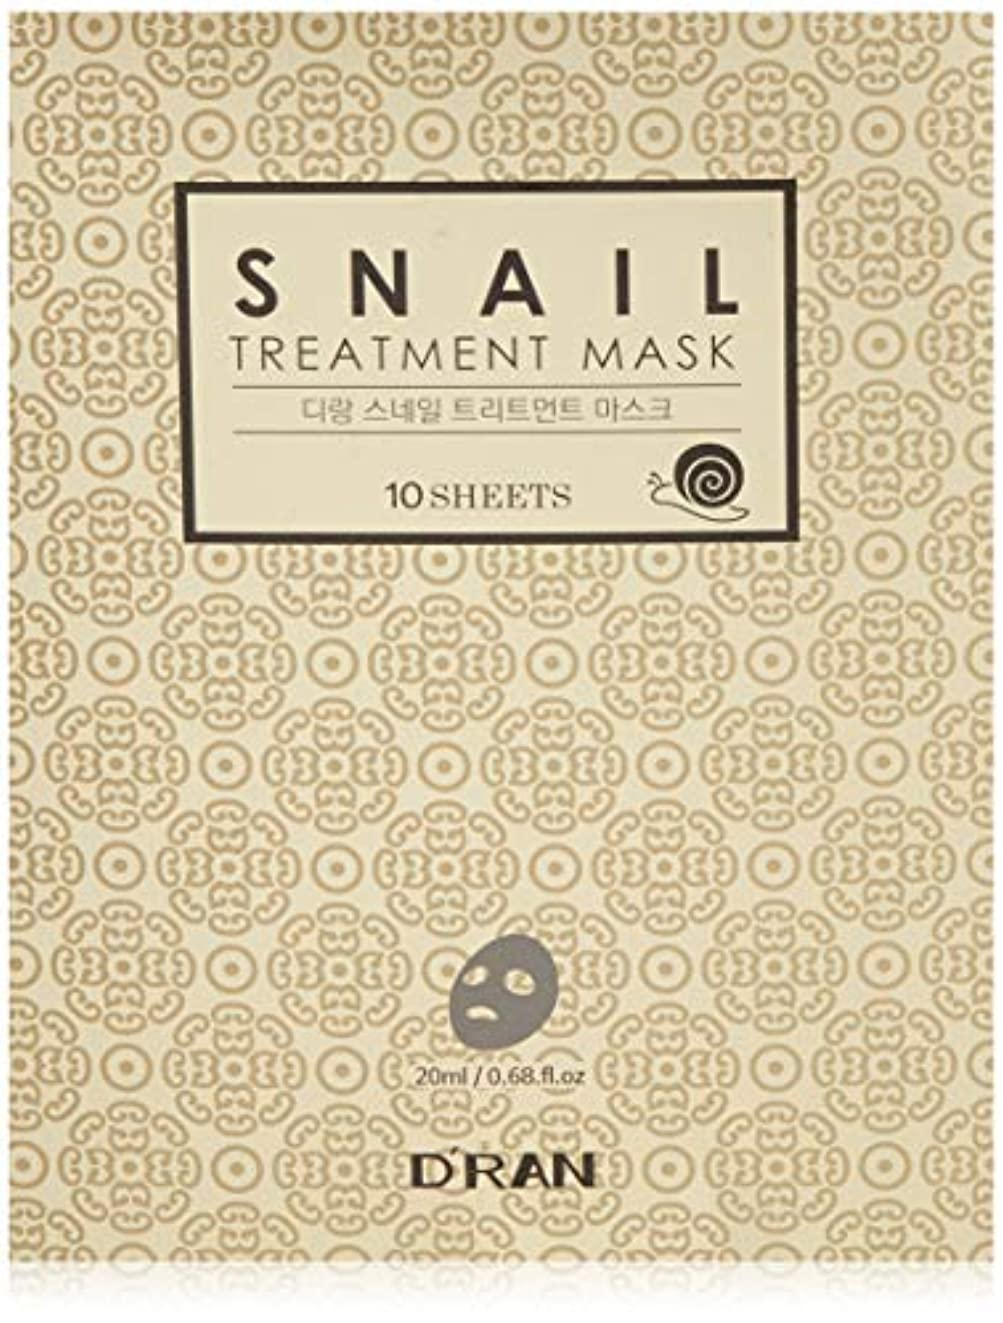 血まみれストレス隠New Snail Treatment Mask (1set_10pcs)